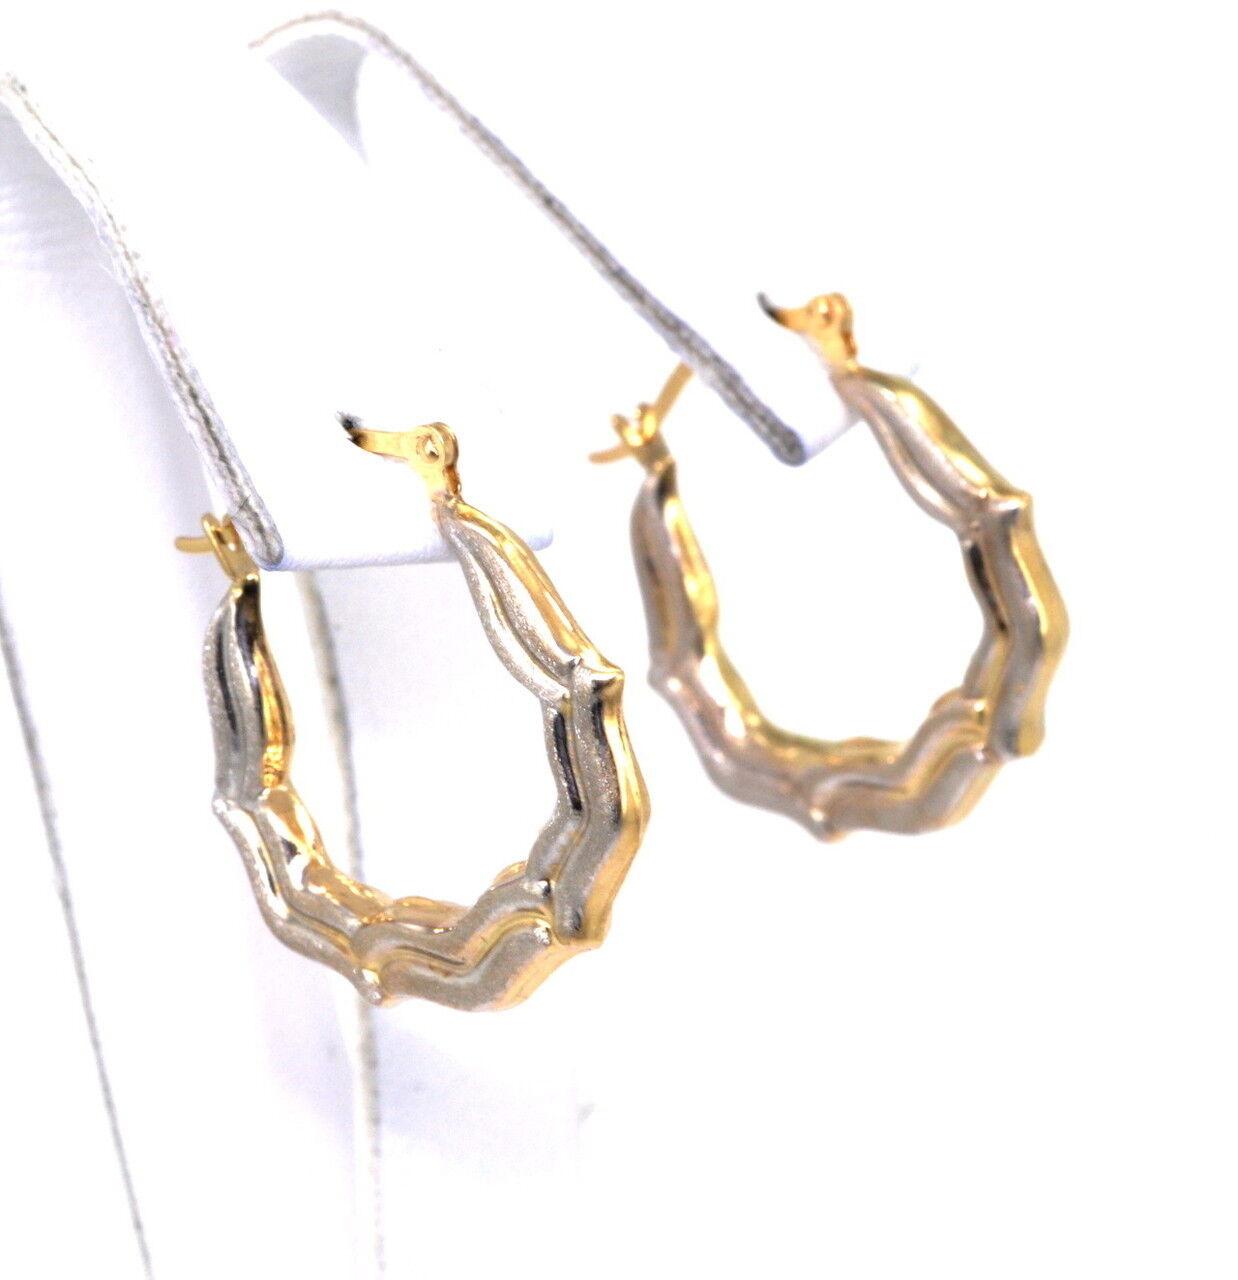 14K Two Tone Diamond Cut gold Hoop Earrings 40001864-E